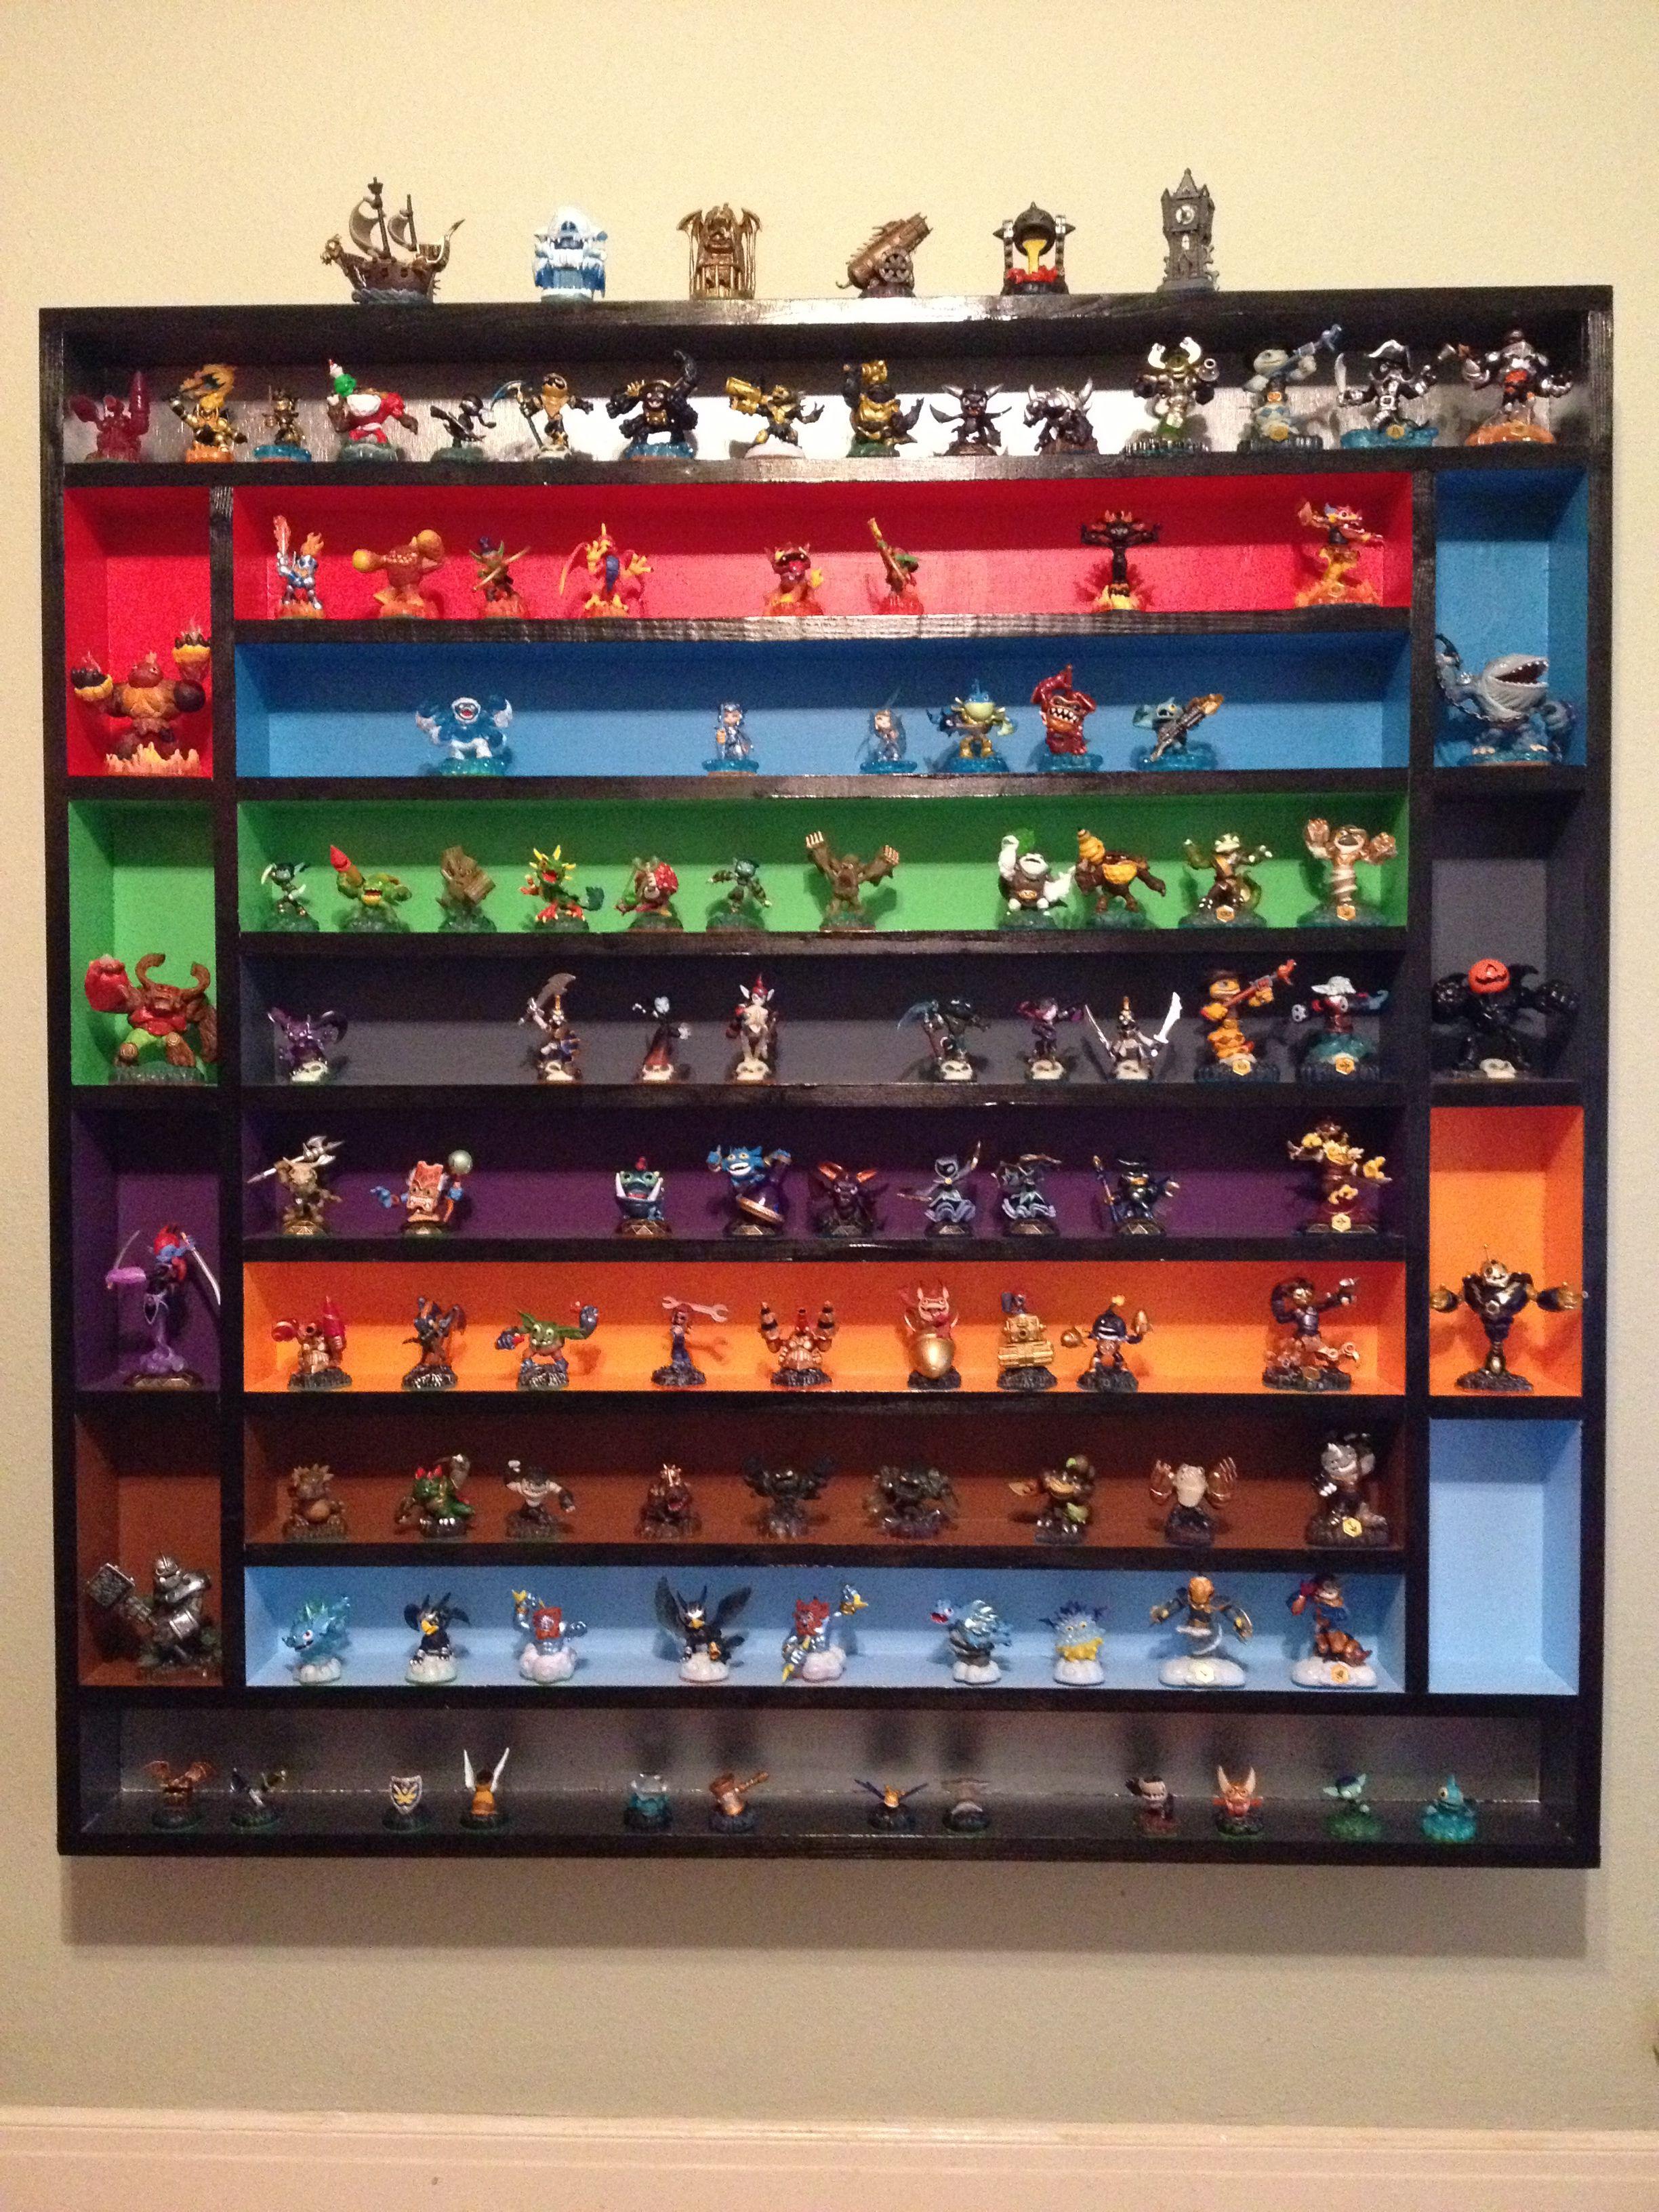 Coolest Skylander Shelf Ever